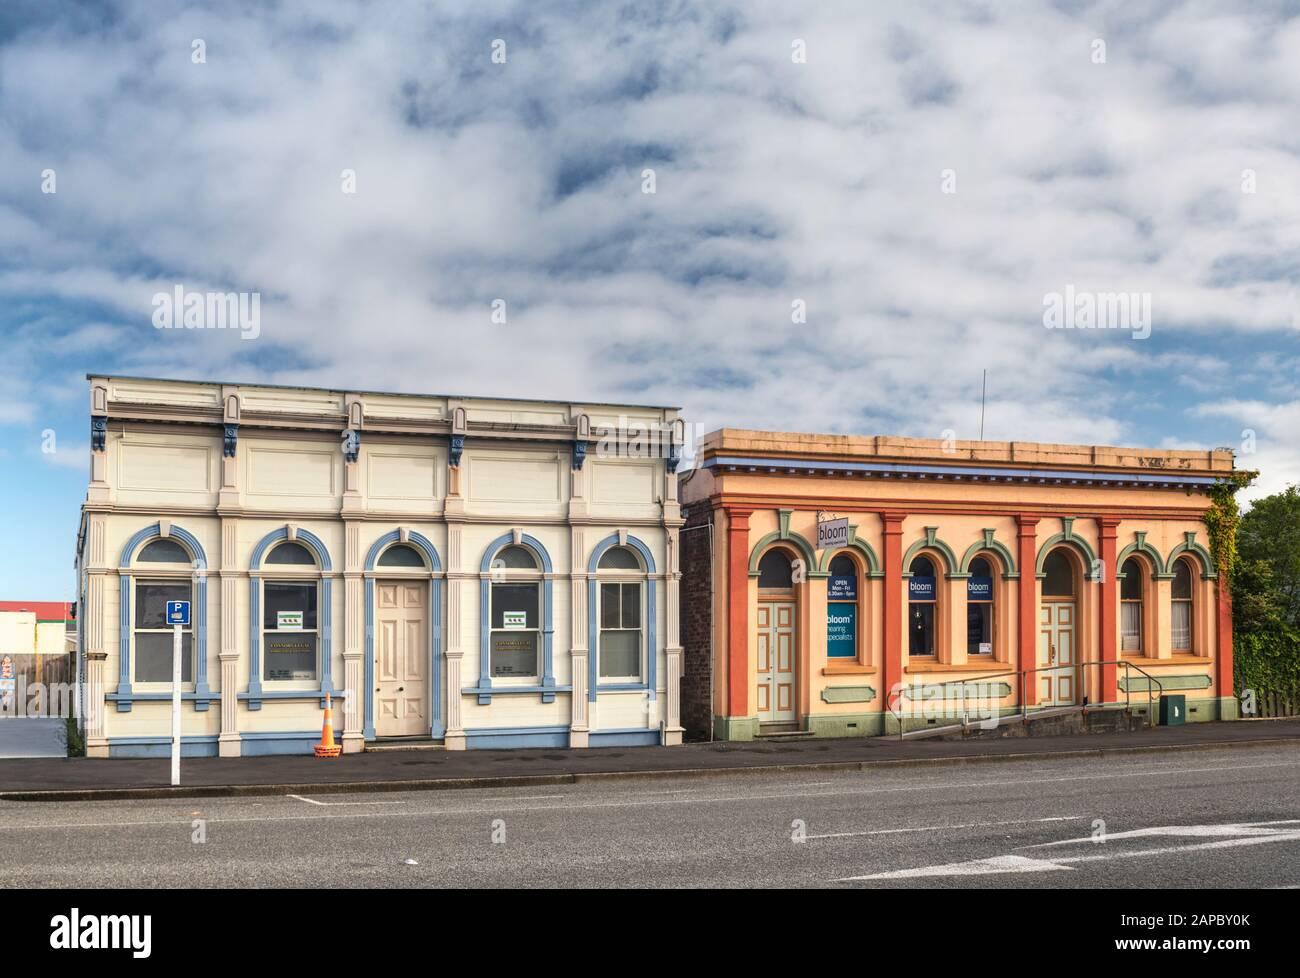 Edificios Históricos De Oficinas En Westport, Región De La Costa Oeste, Isla Sur, Nueva Zelanda Foto de stock